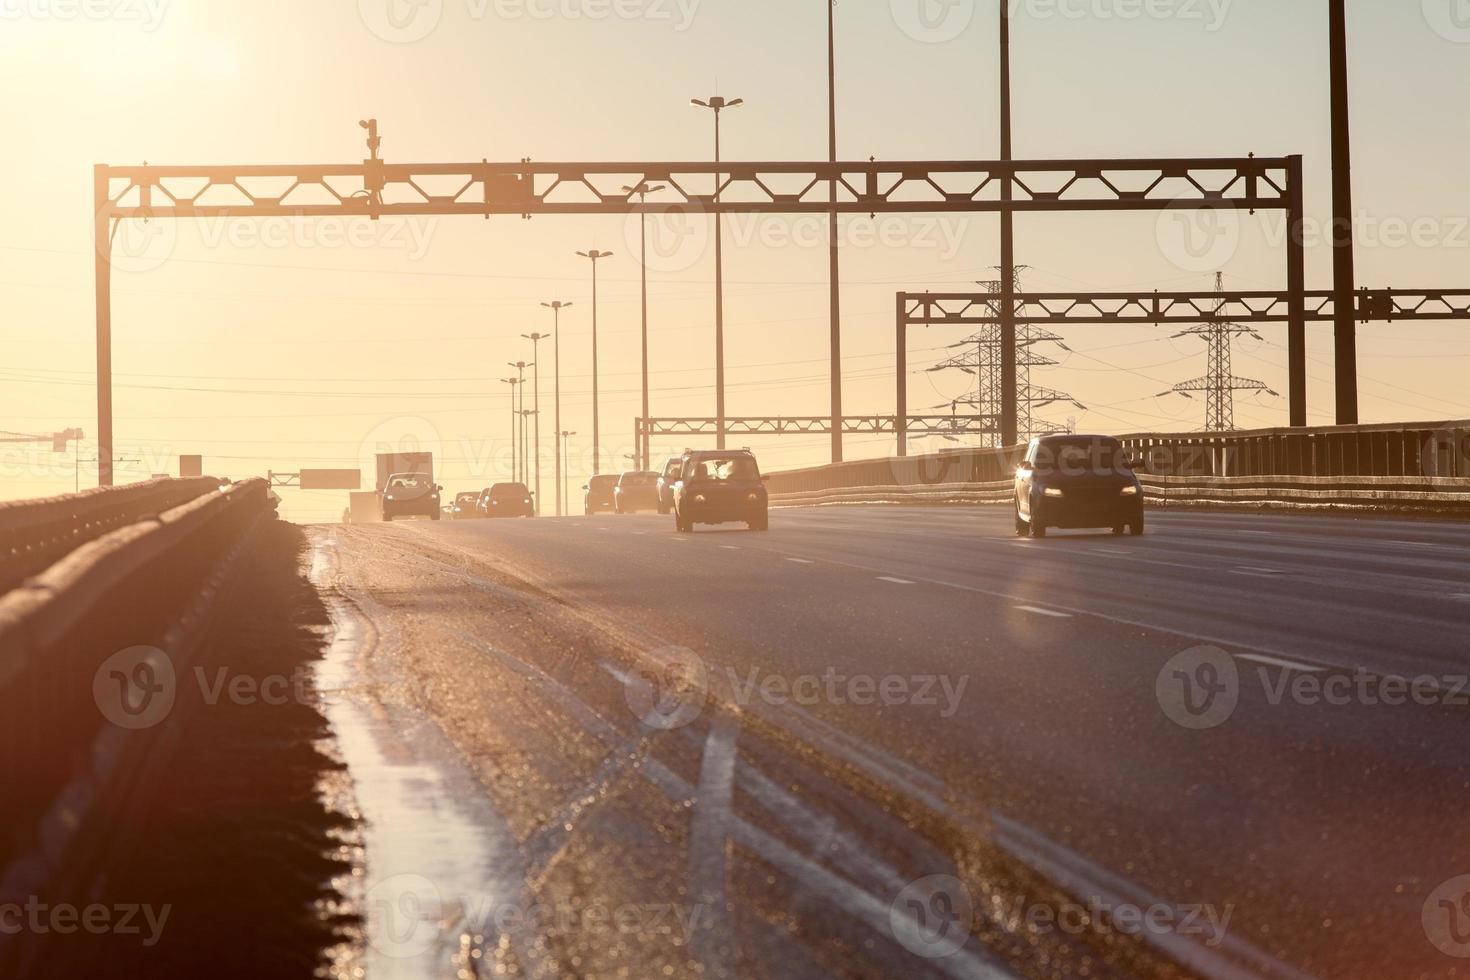 périphérique de la ville au coucher du soleil avec des silhouettes de conduite de véhicules photo